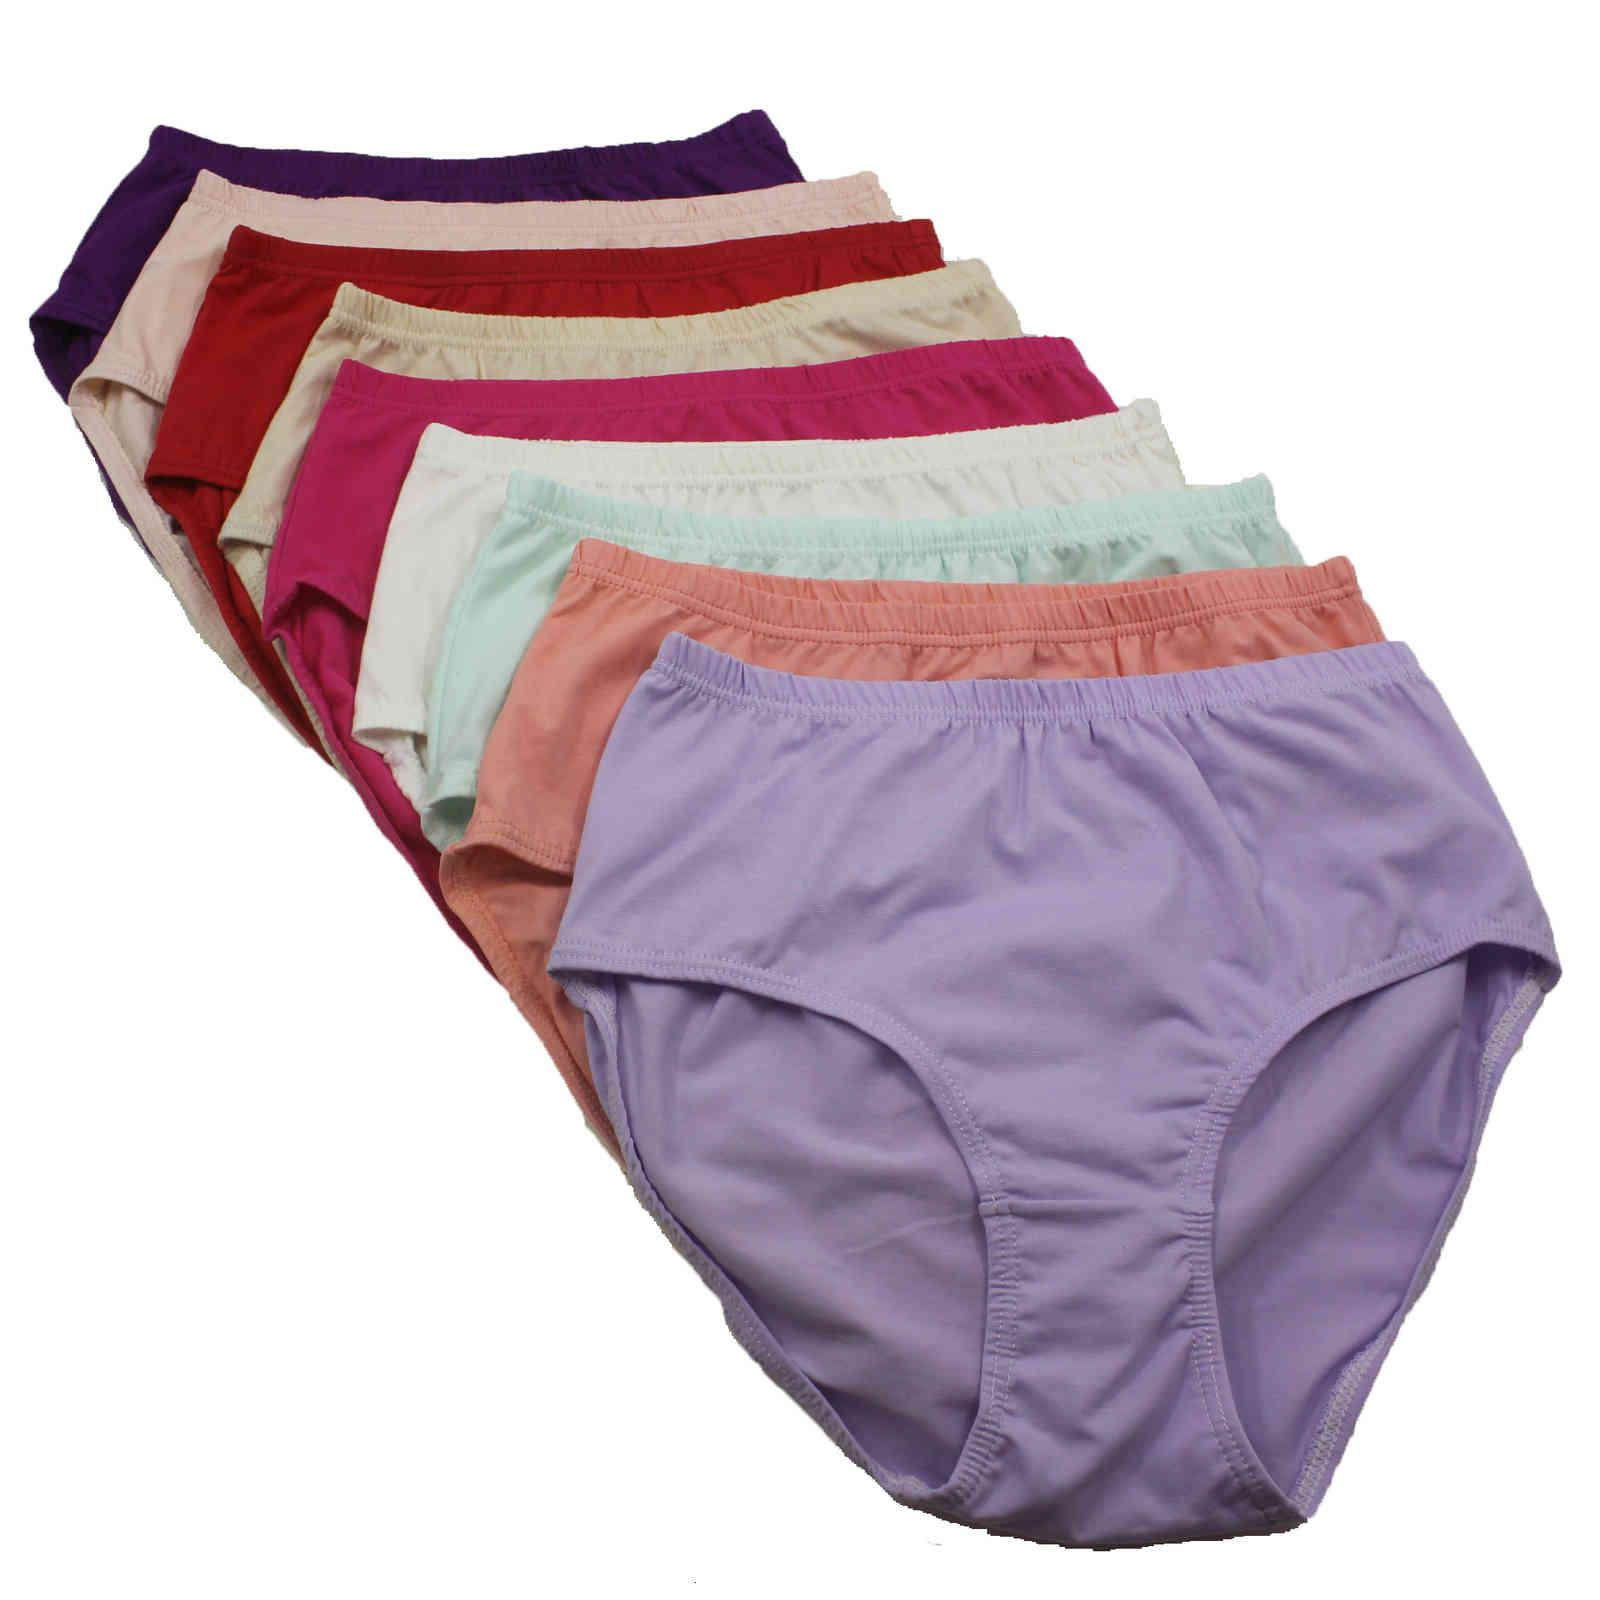 Calcinha alta cintura mm calças, buttos de algodão puro, cuecas femininas, confortáveis e perto de roupa interior